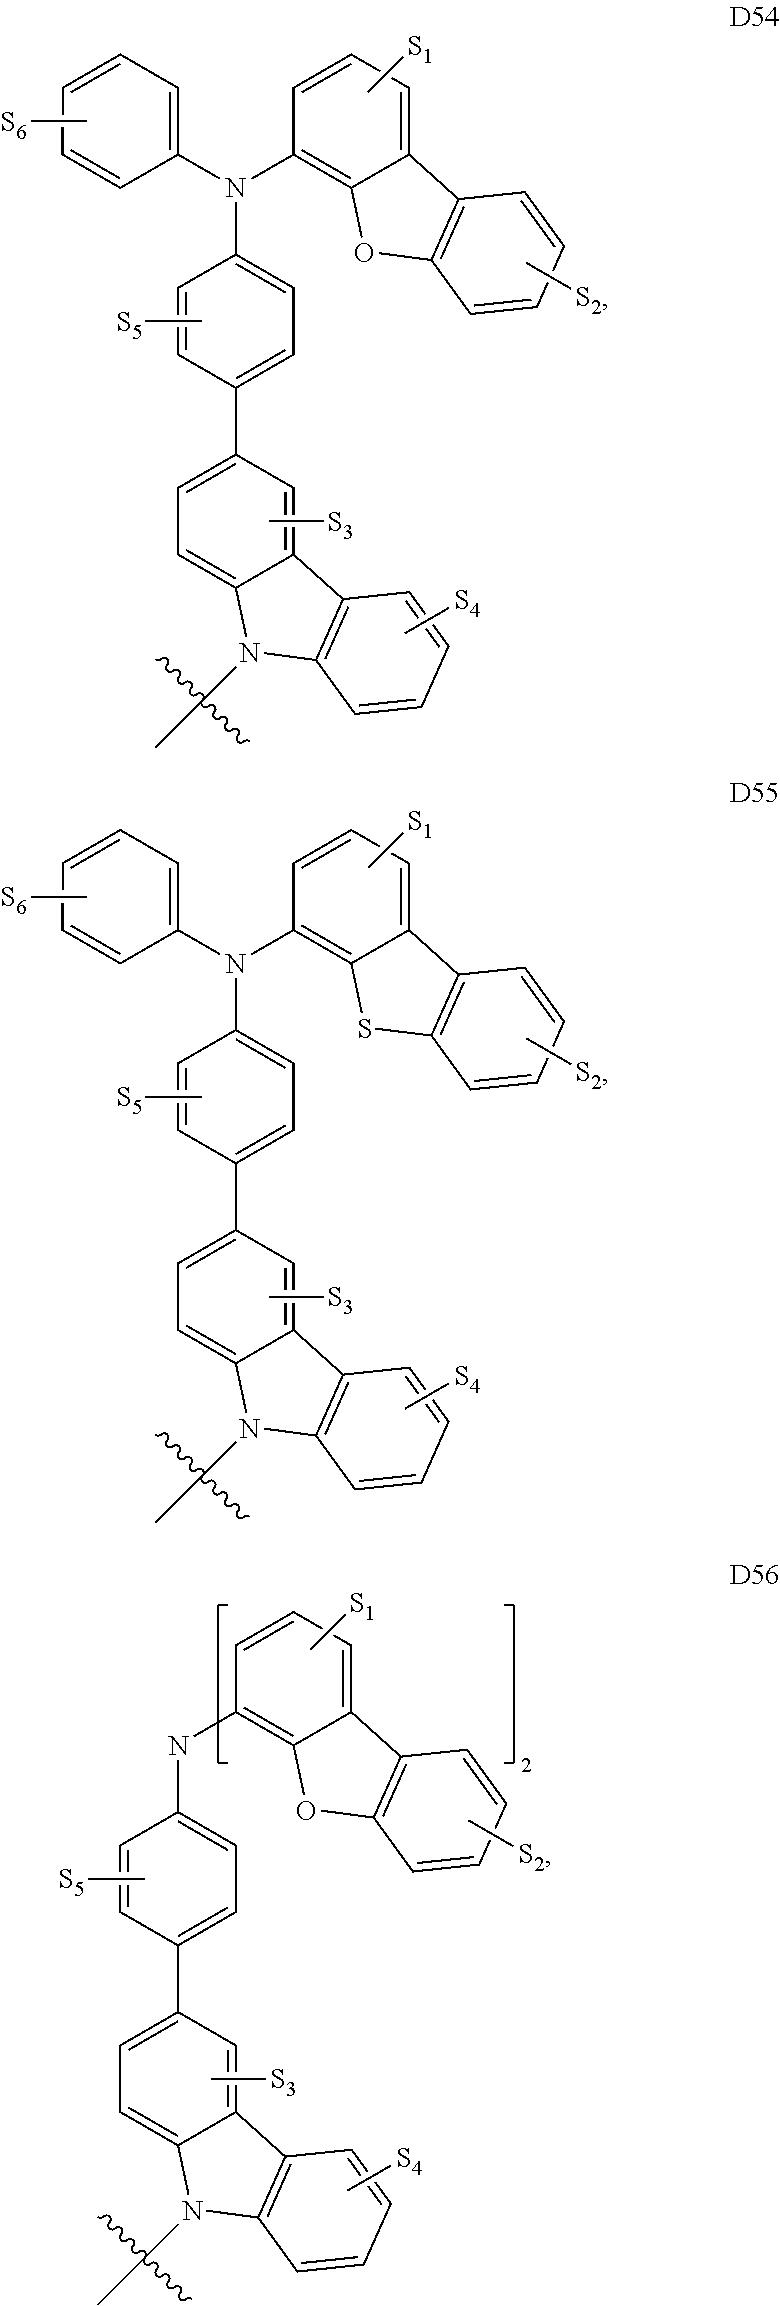 Figure US09537106-20170103-C00580